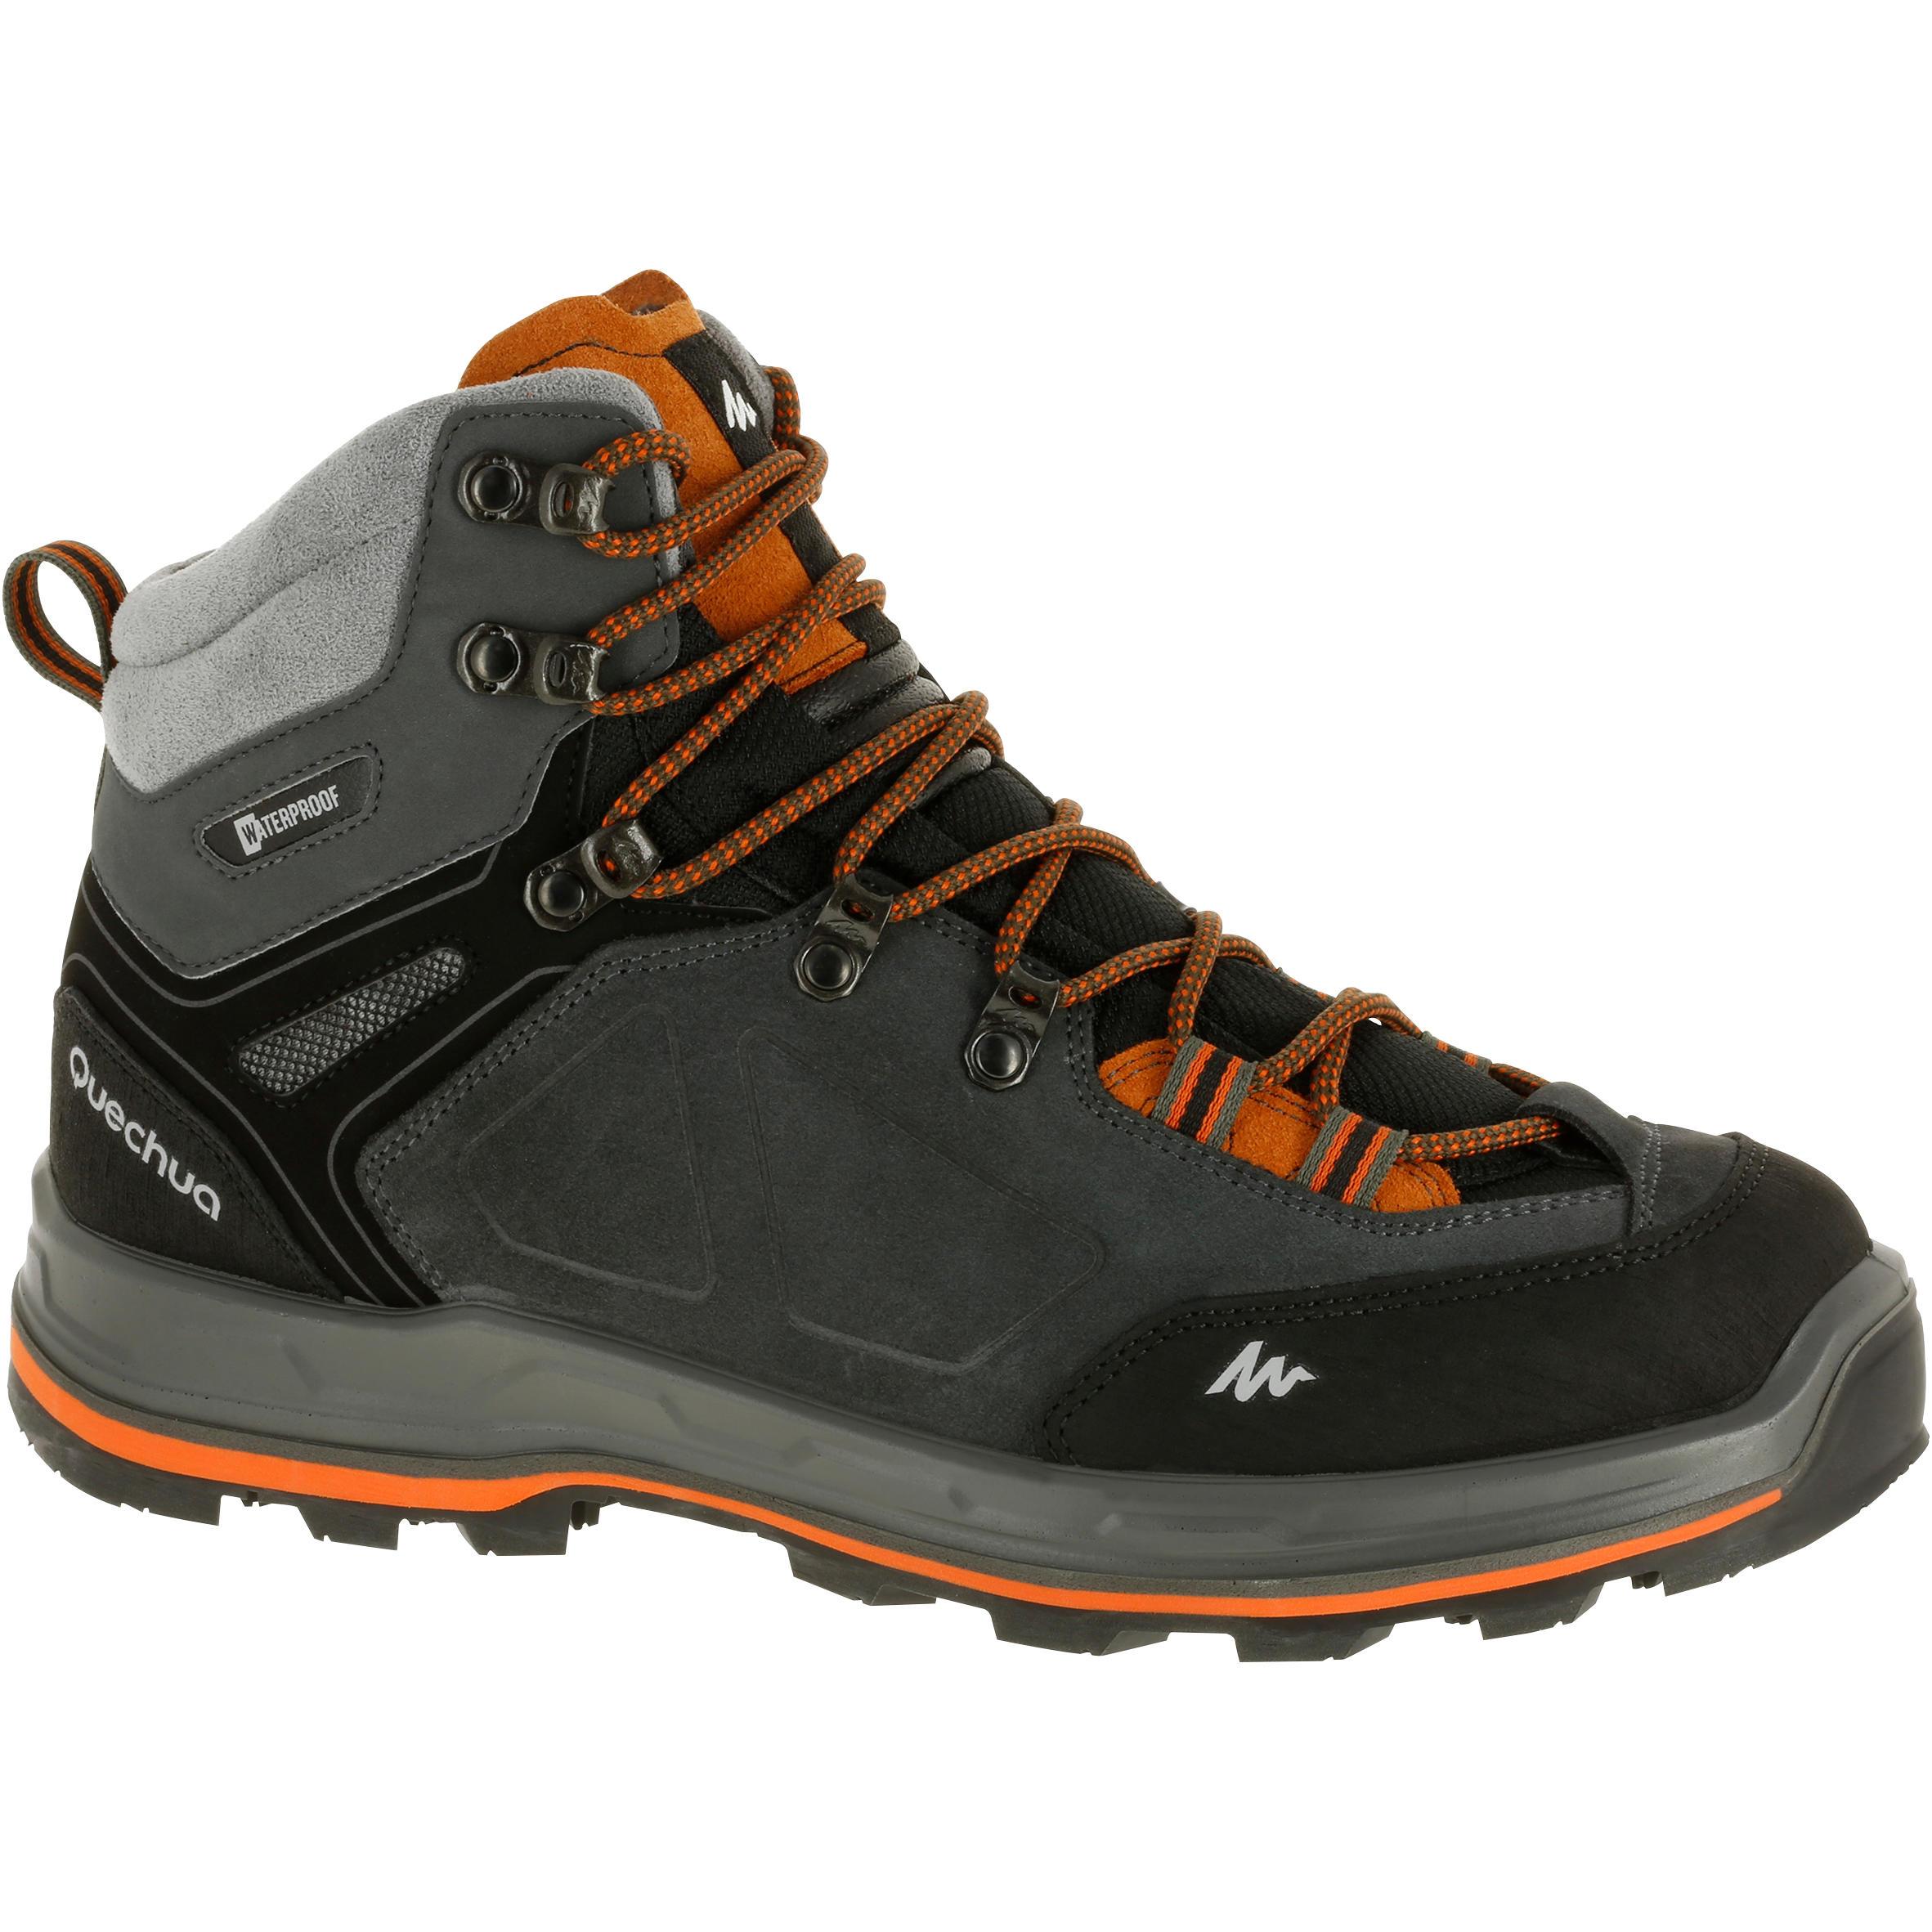 97e22d3a06 Comprar Botas de montaña y trekking TREK 100 hombre | Decathlon